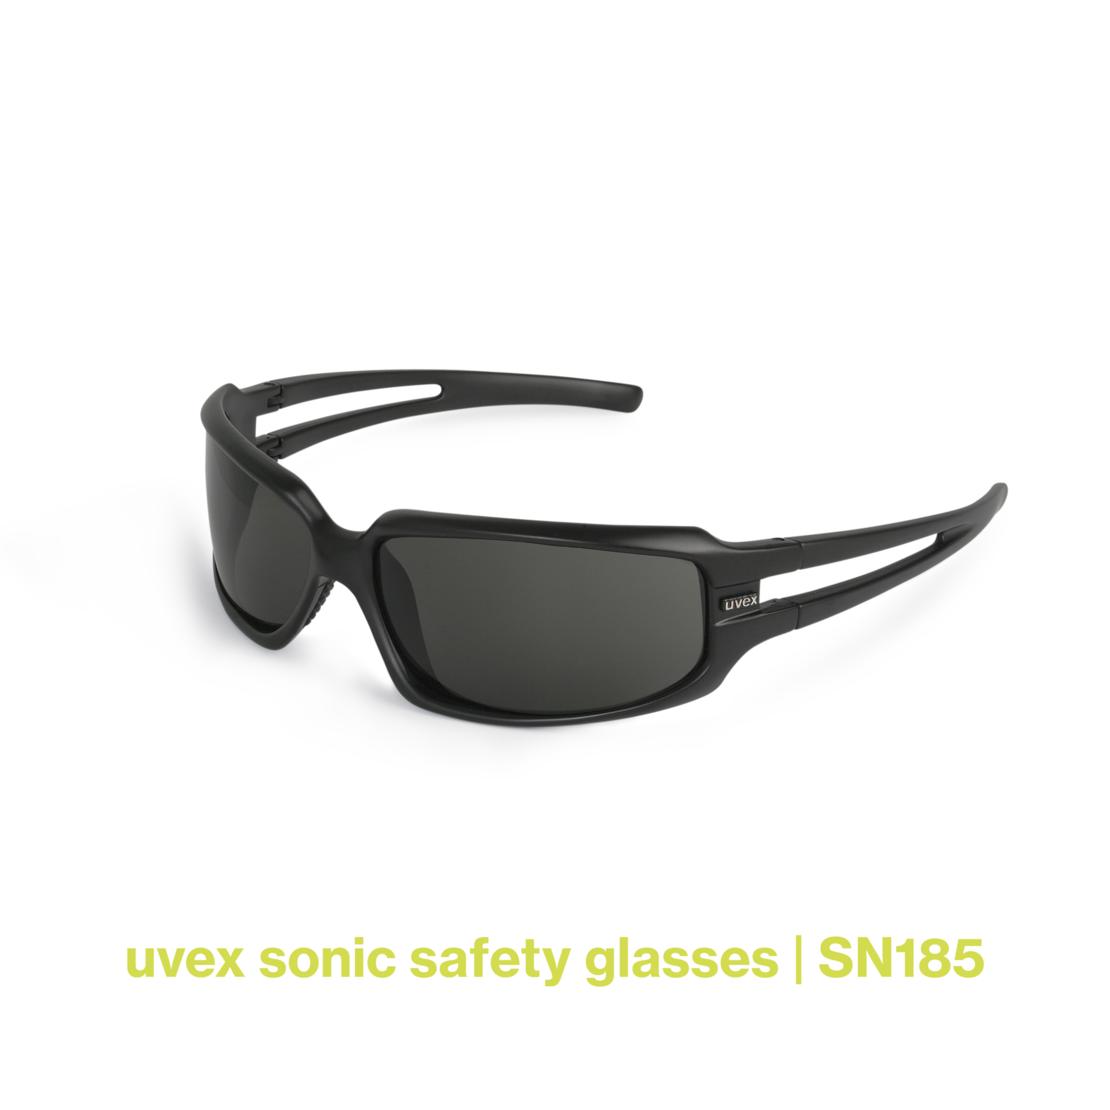 uvex sonic safety glasses